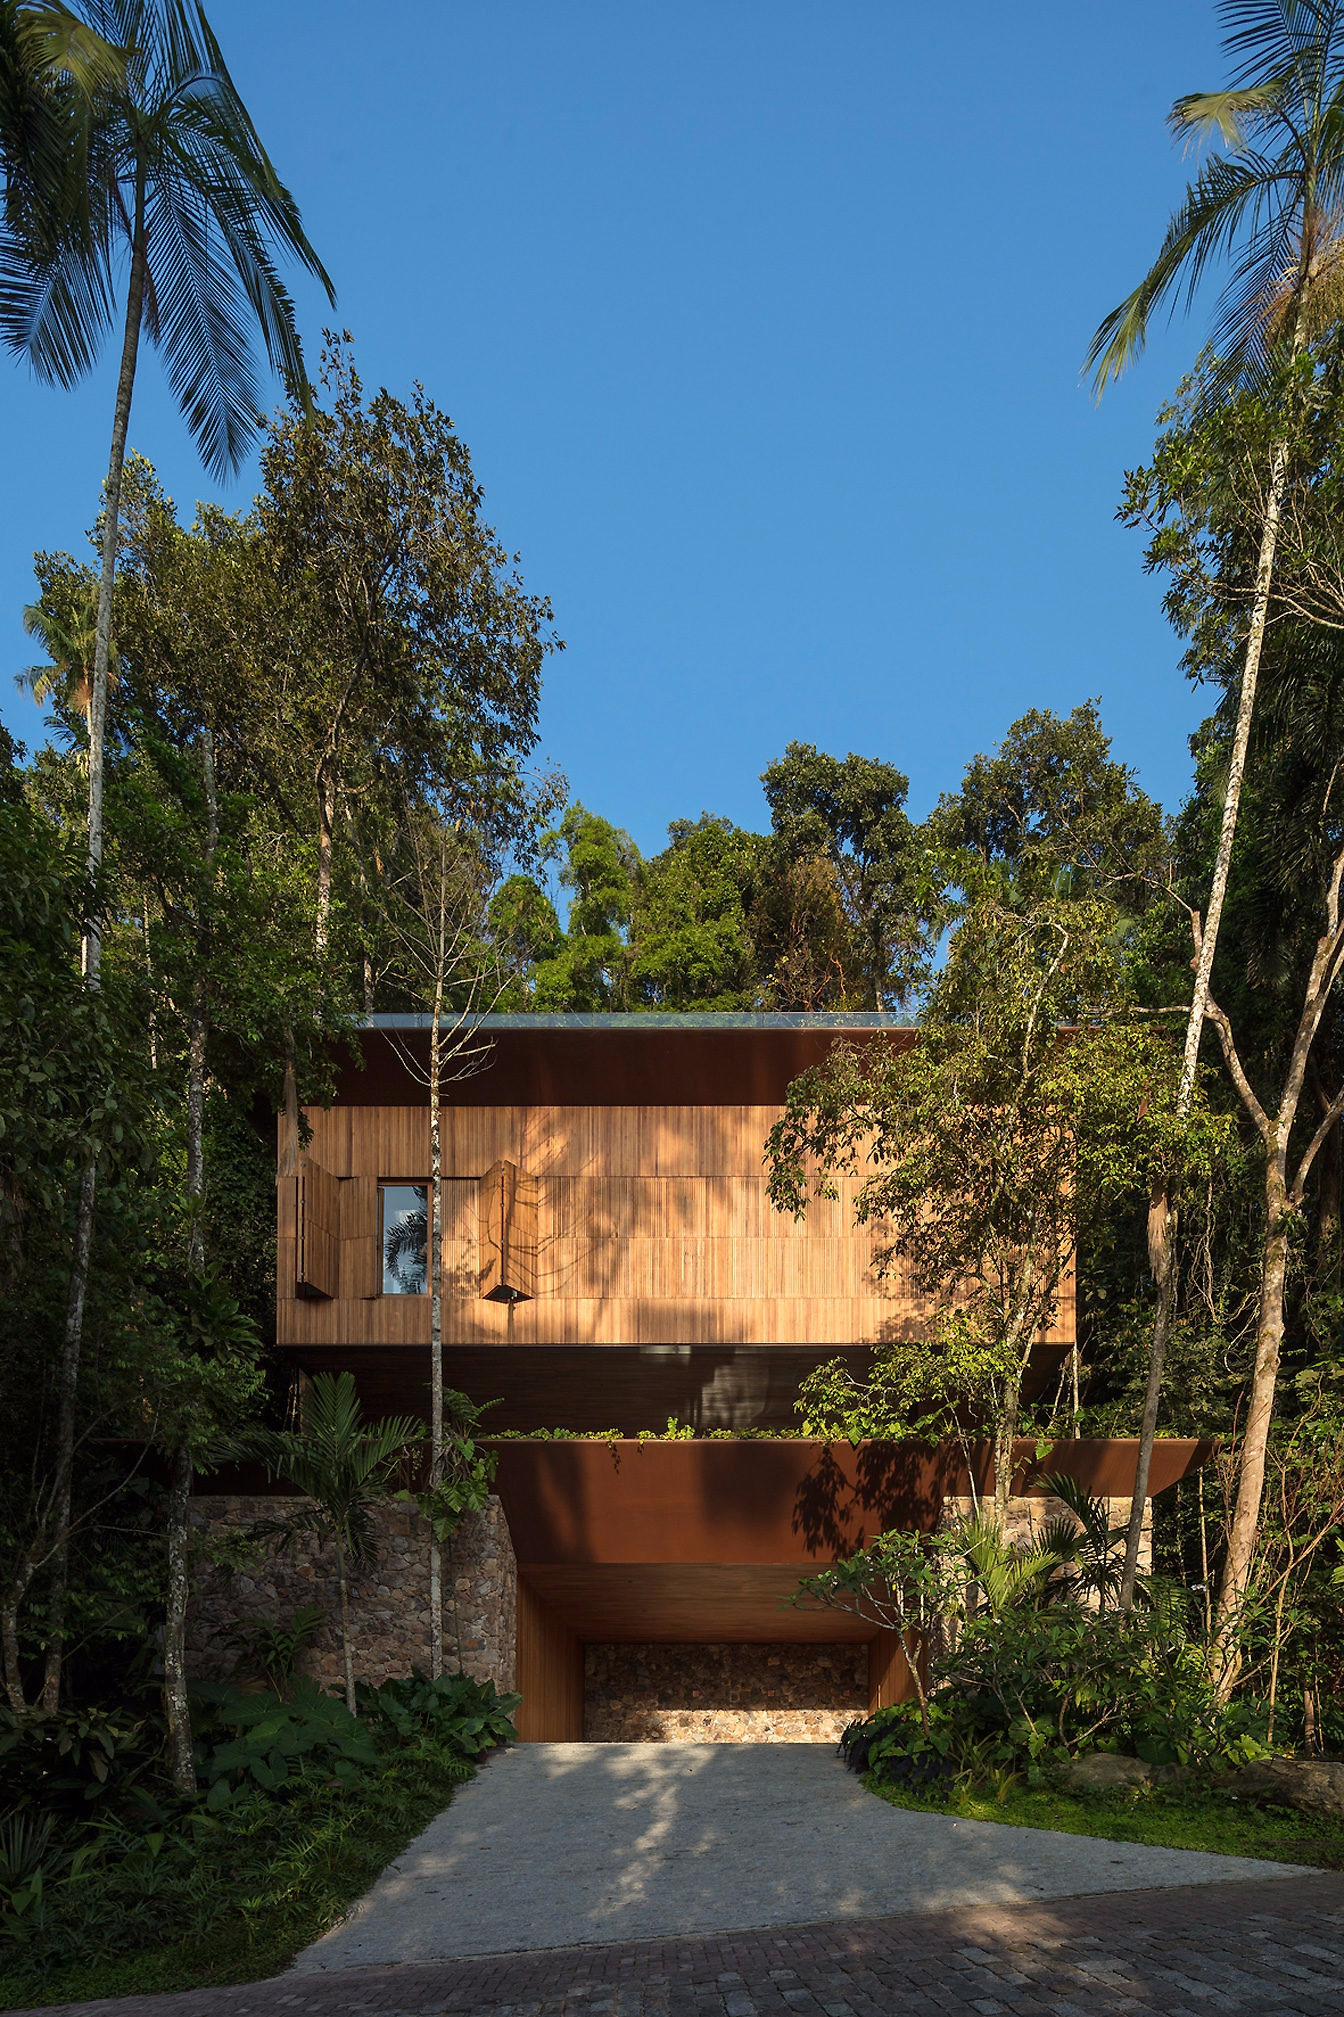 RLW House Jacobsen Architectura - alexandreberthiaume | ello